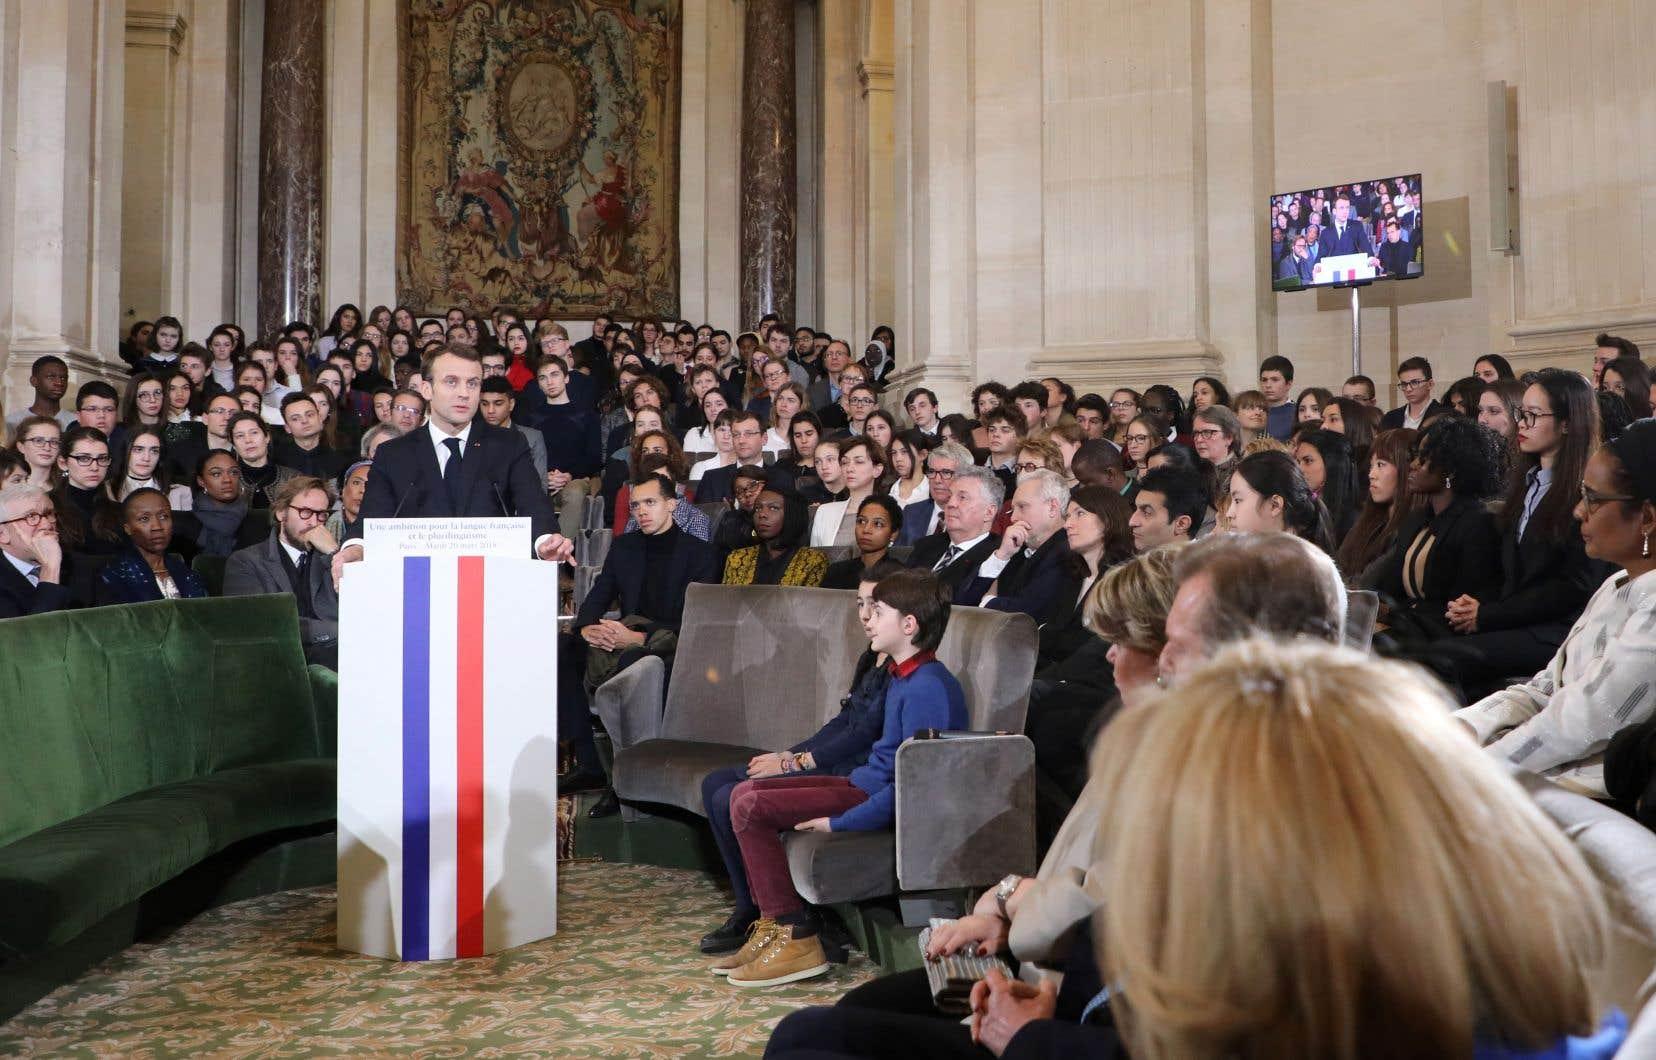 Le président français, Emmanuel Macron, a dévoilé sa stratégie de promotion du français dans le cadre de la journée internationale de la Francophonie devant les membres de l'Académie française.